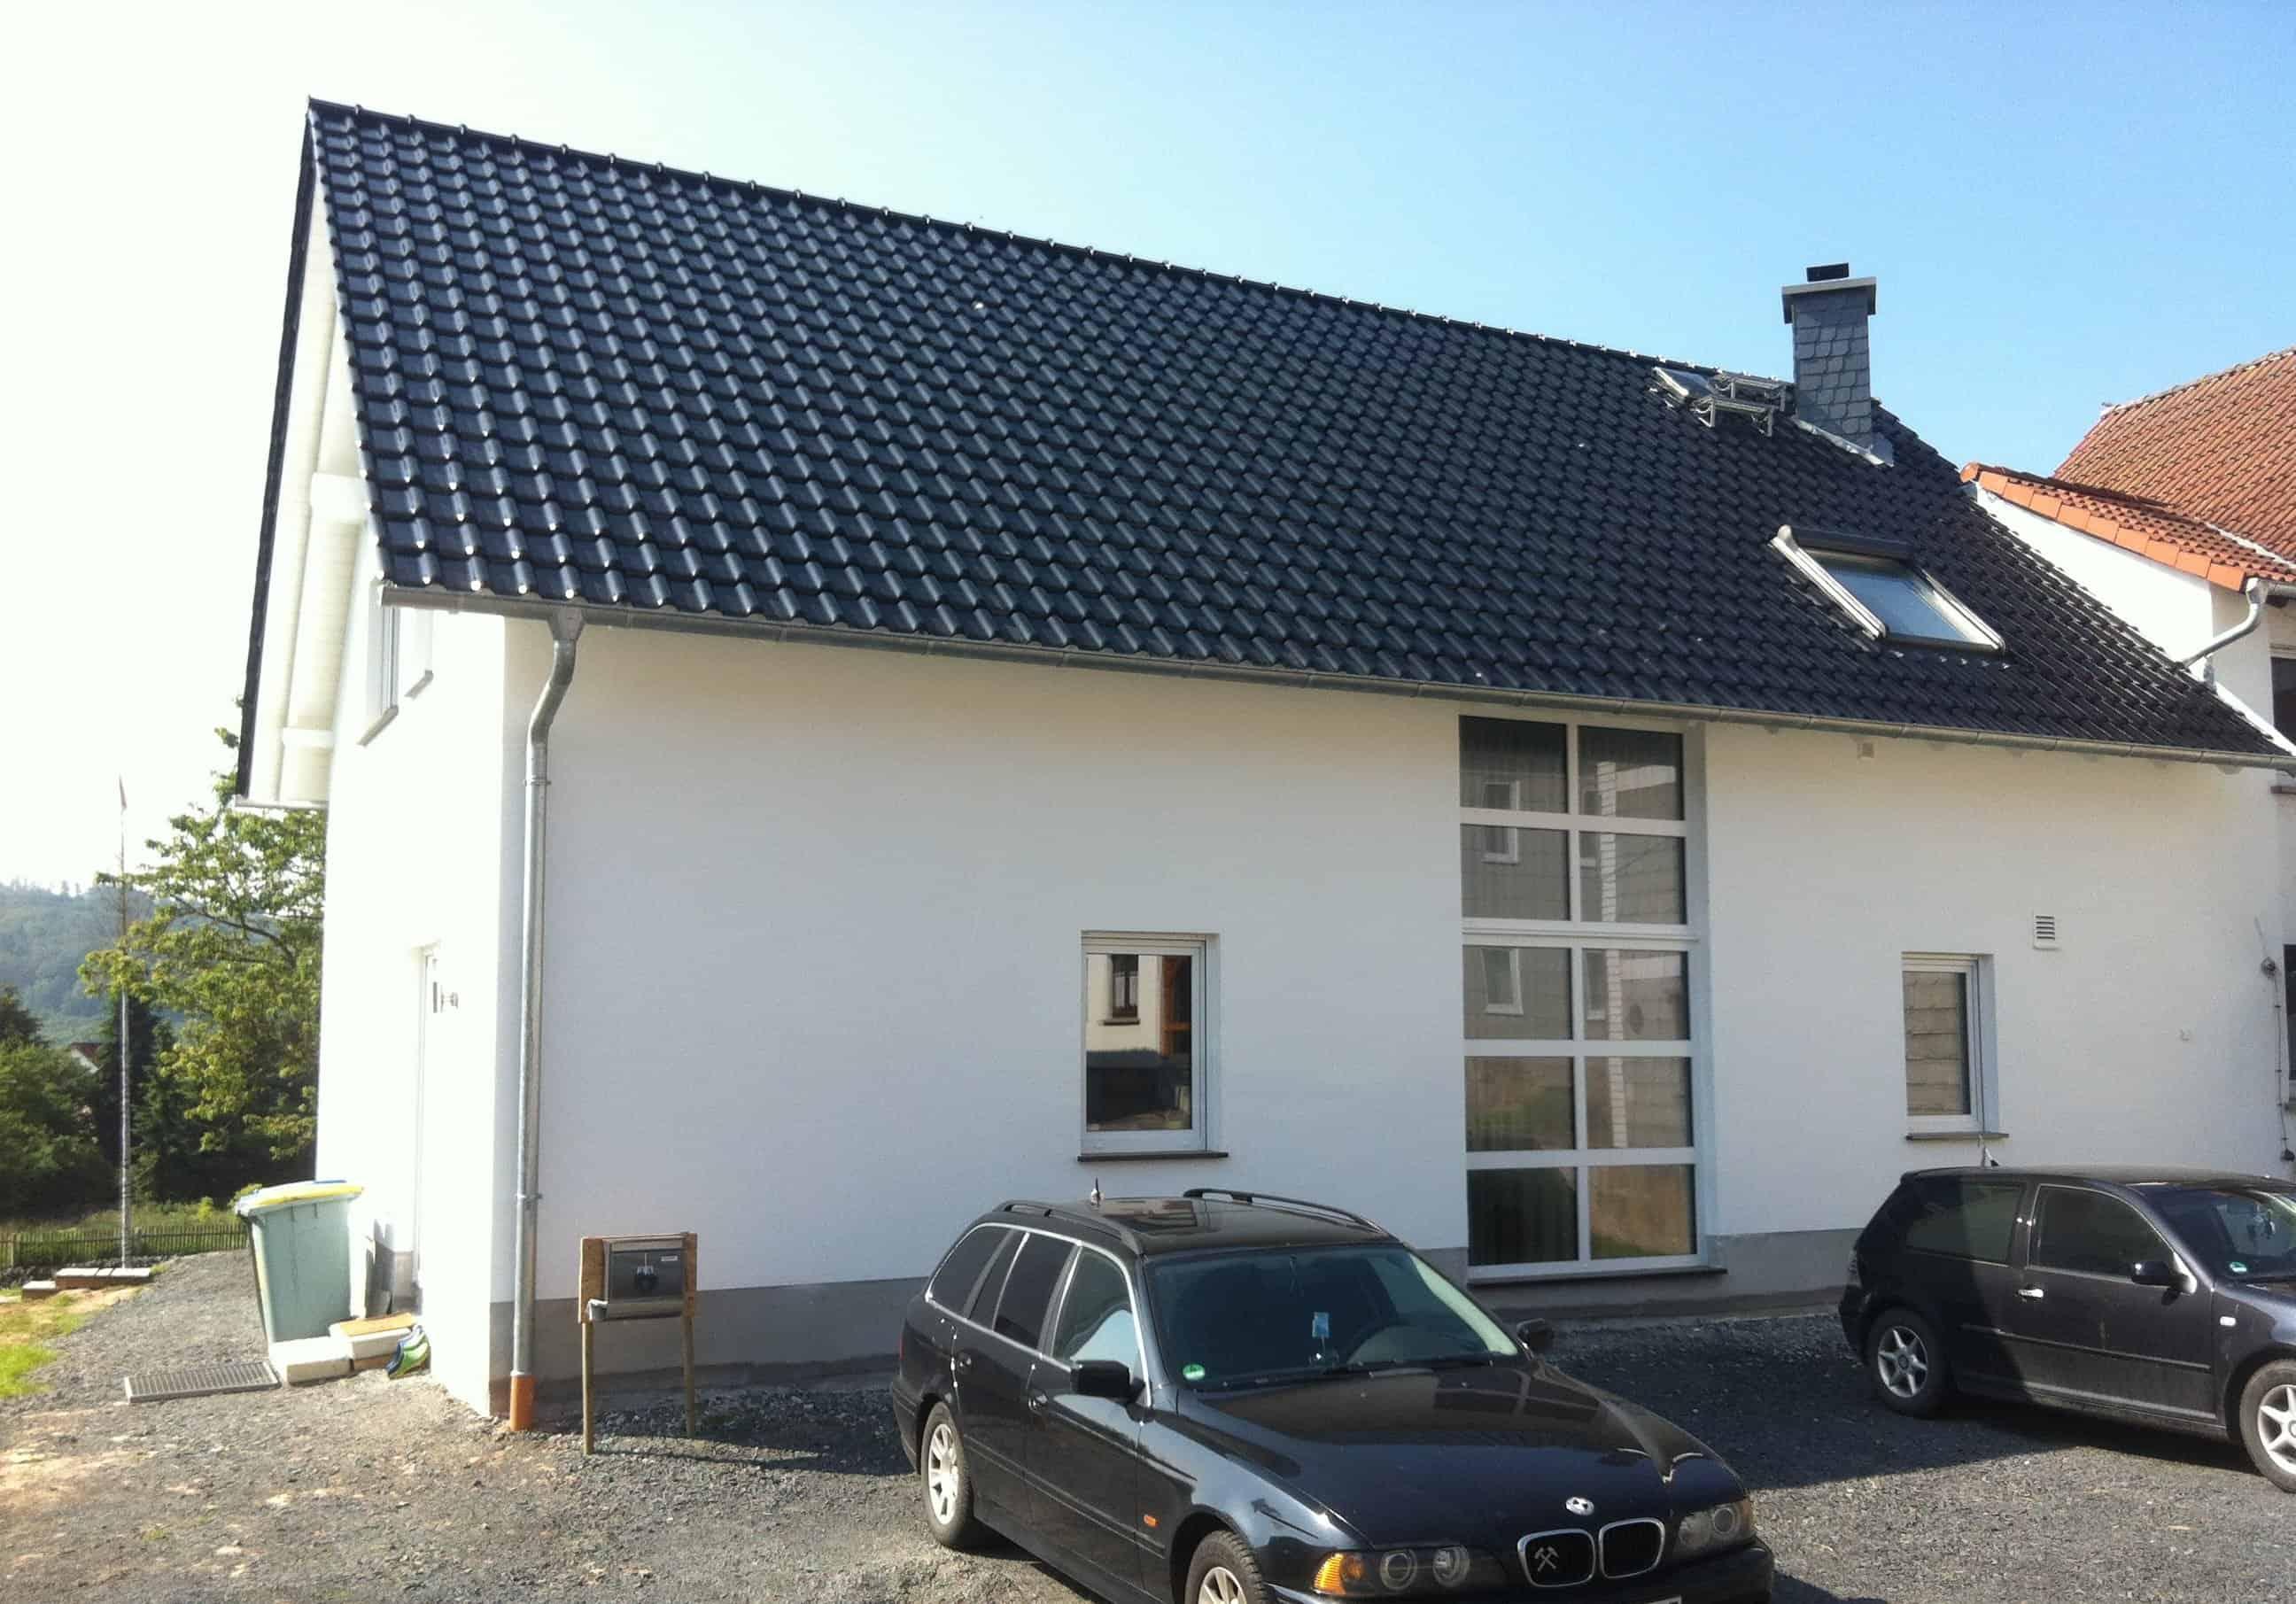 Einfamilienhaus als Anbau an Bestandsgebäude mit Innen-Luftwärmepumpe und Wohnraumlüftung in 36404 Vacha OT Oberzella